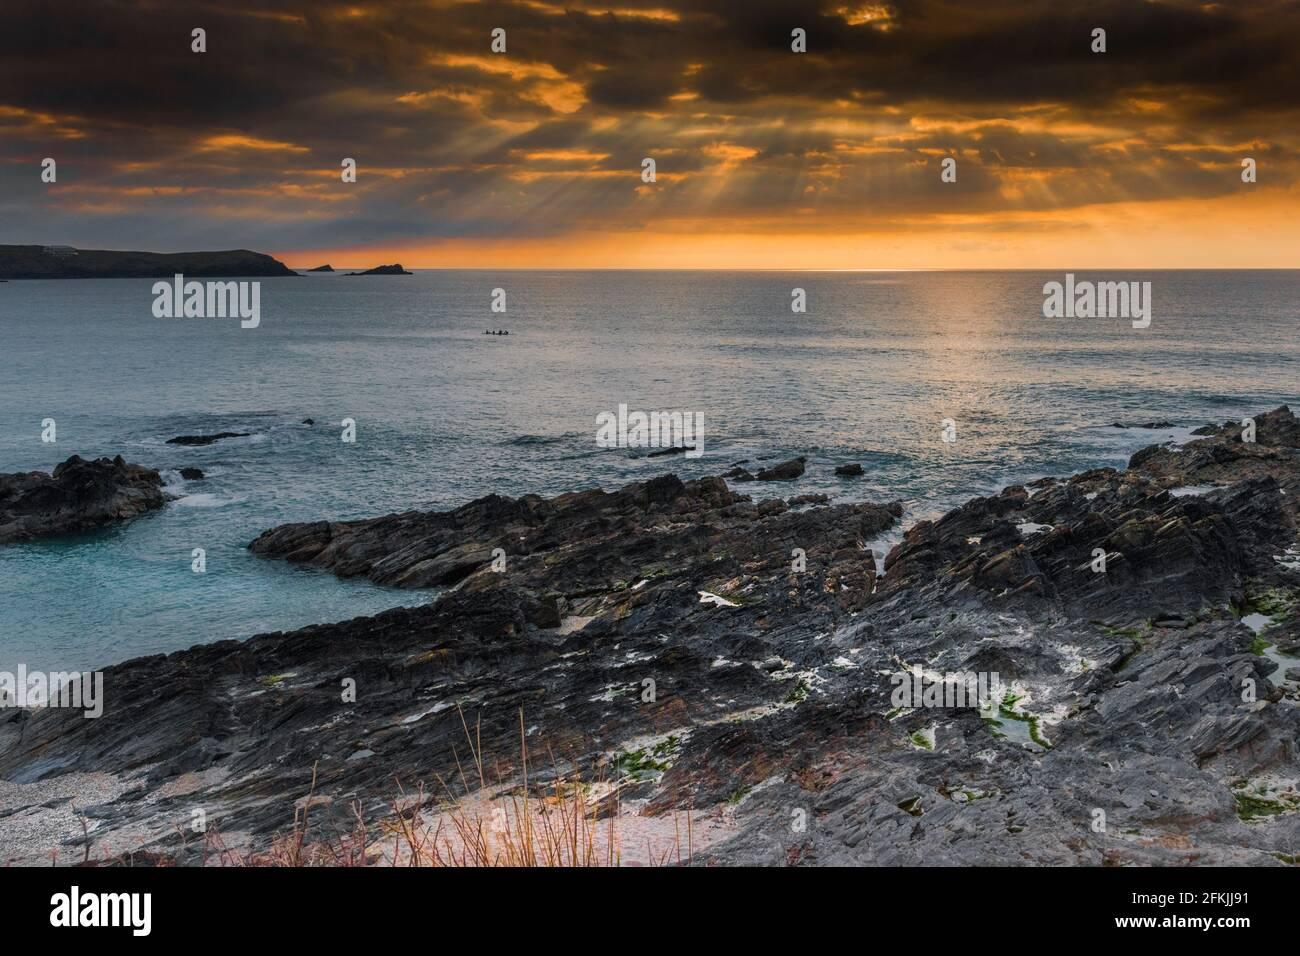 Ein spektakulärer Sonnenuntergang über der Fistral Bay in Newquay in Cornwall. Stockfoto